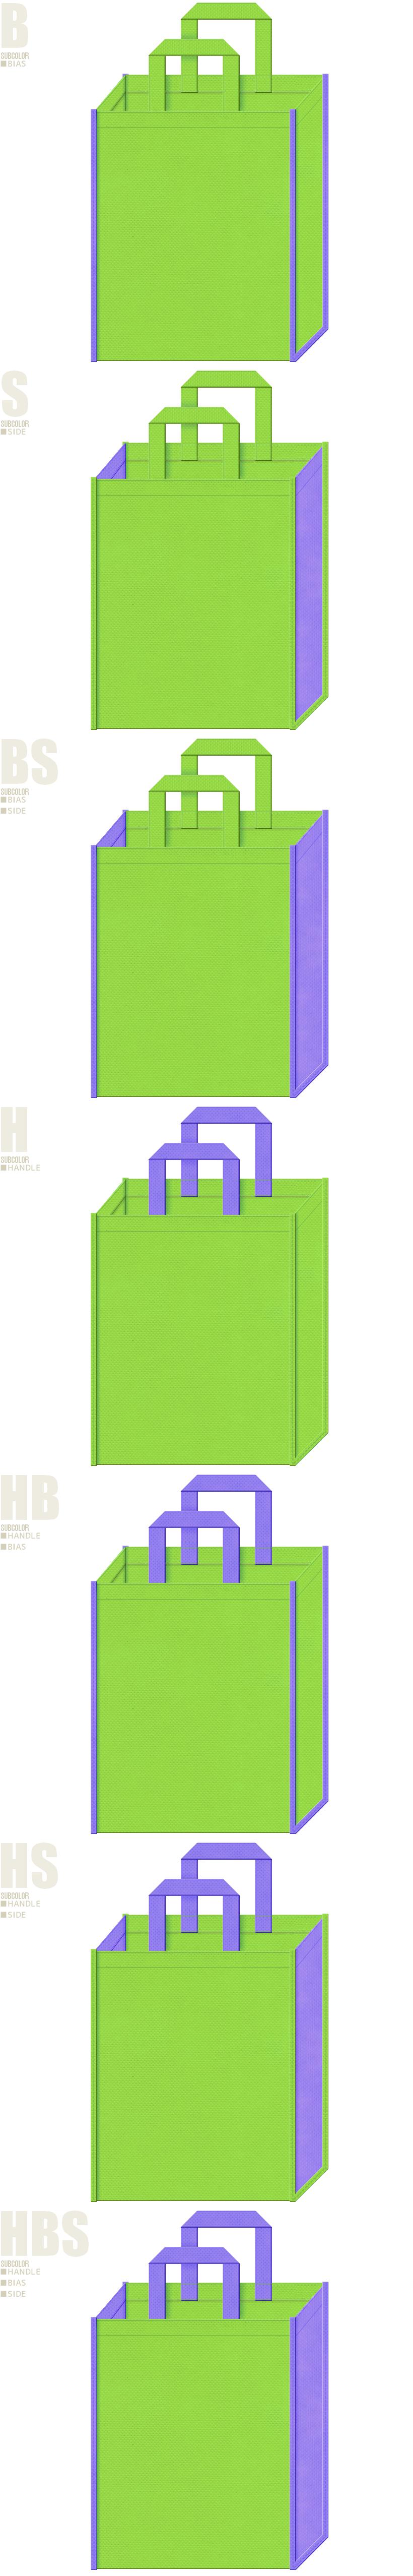 カキツバタ・藤・アサガオ・あじさい・介護用品・介護施設にお奨めの不織布バッグデザイン:黄緑色と薄紫色の配色7パターン